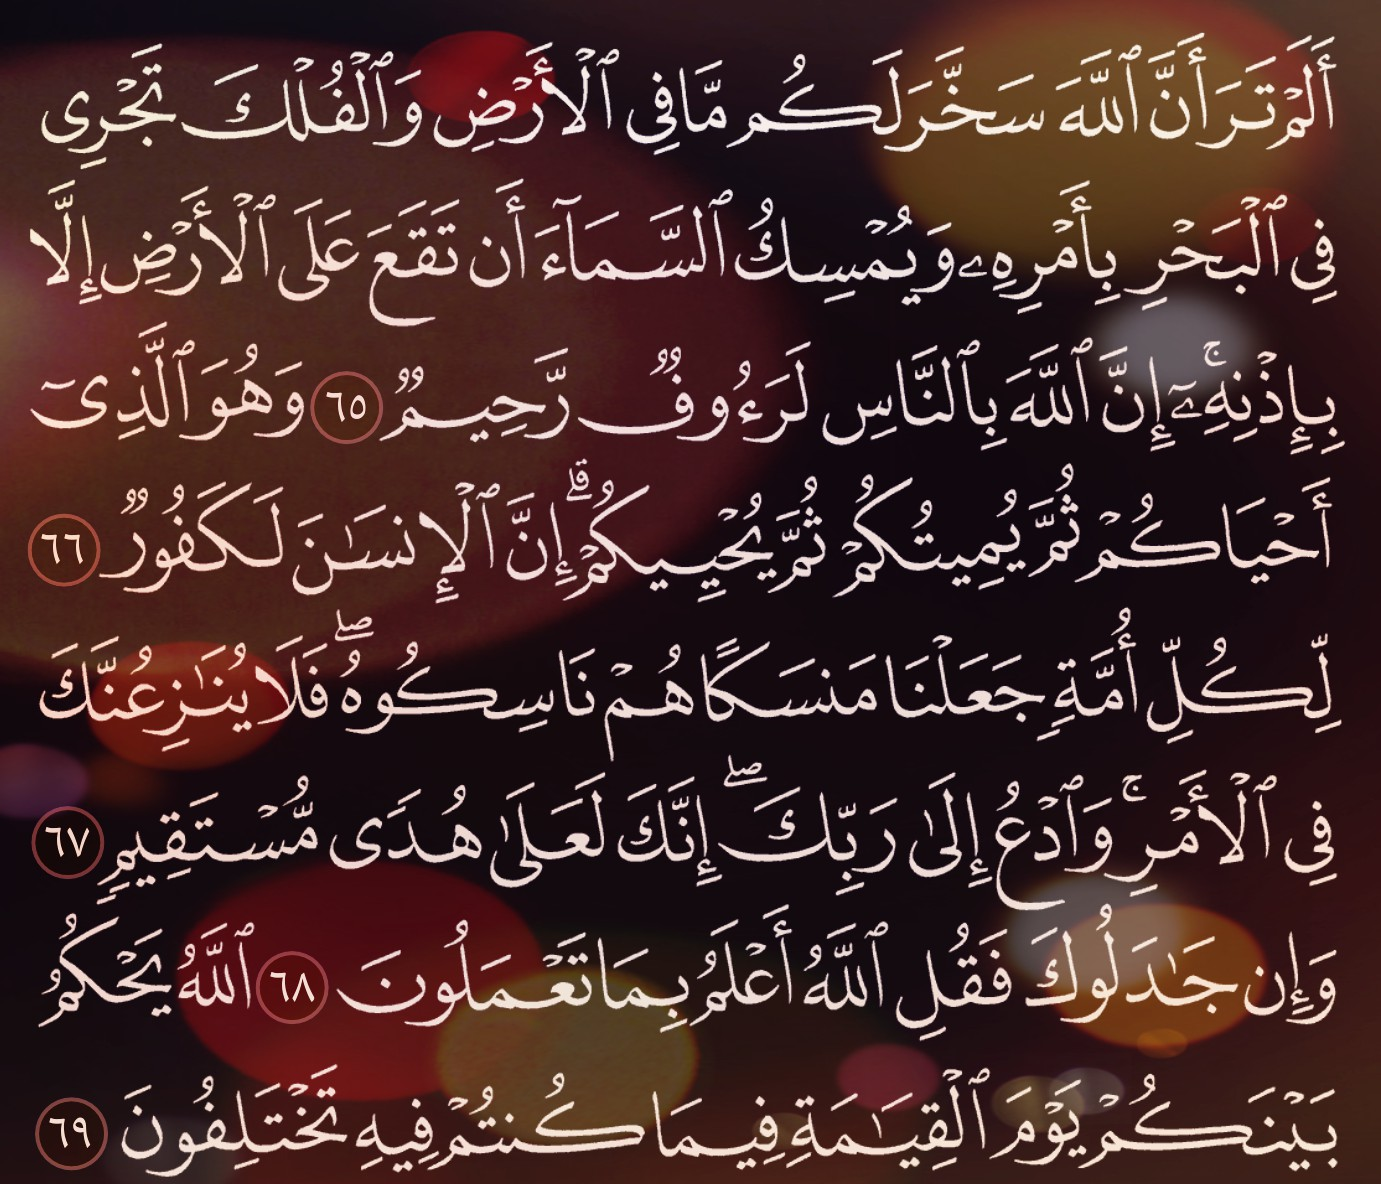 شرح وتفسير سورة الحج Surah Al Hajj ( من الآية 61 إلى الاية 72 )